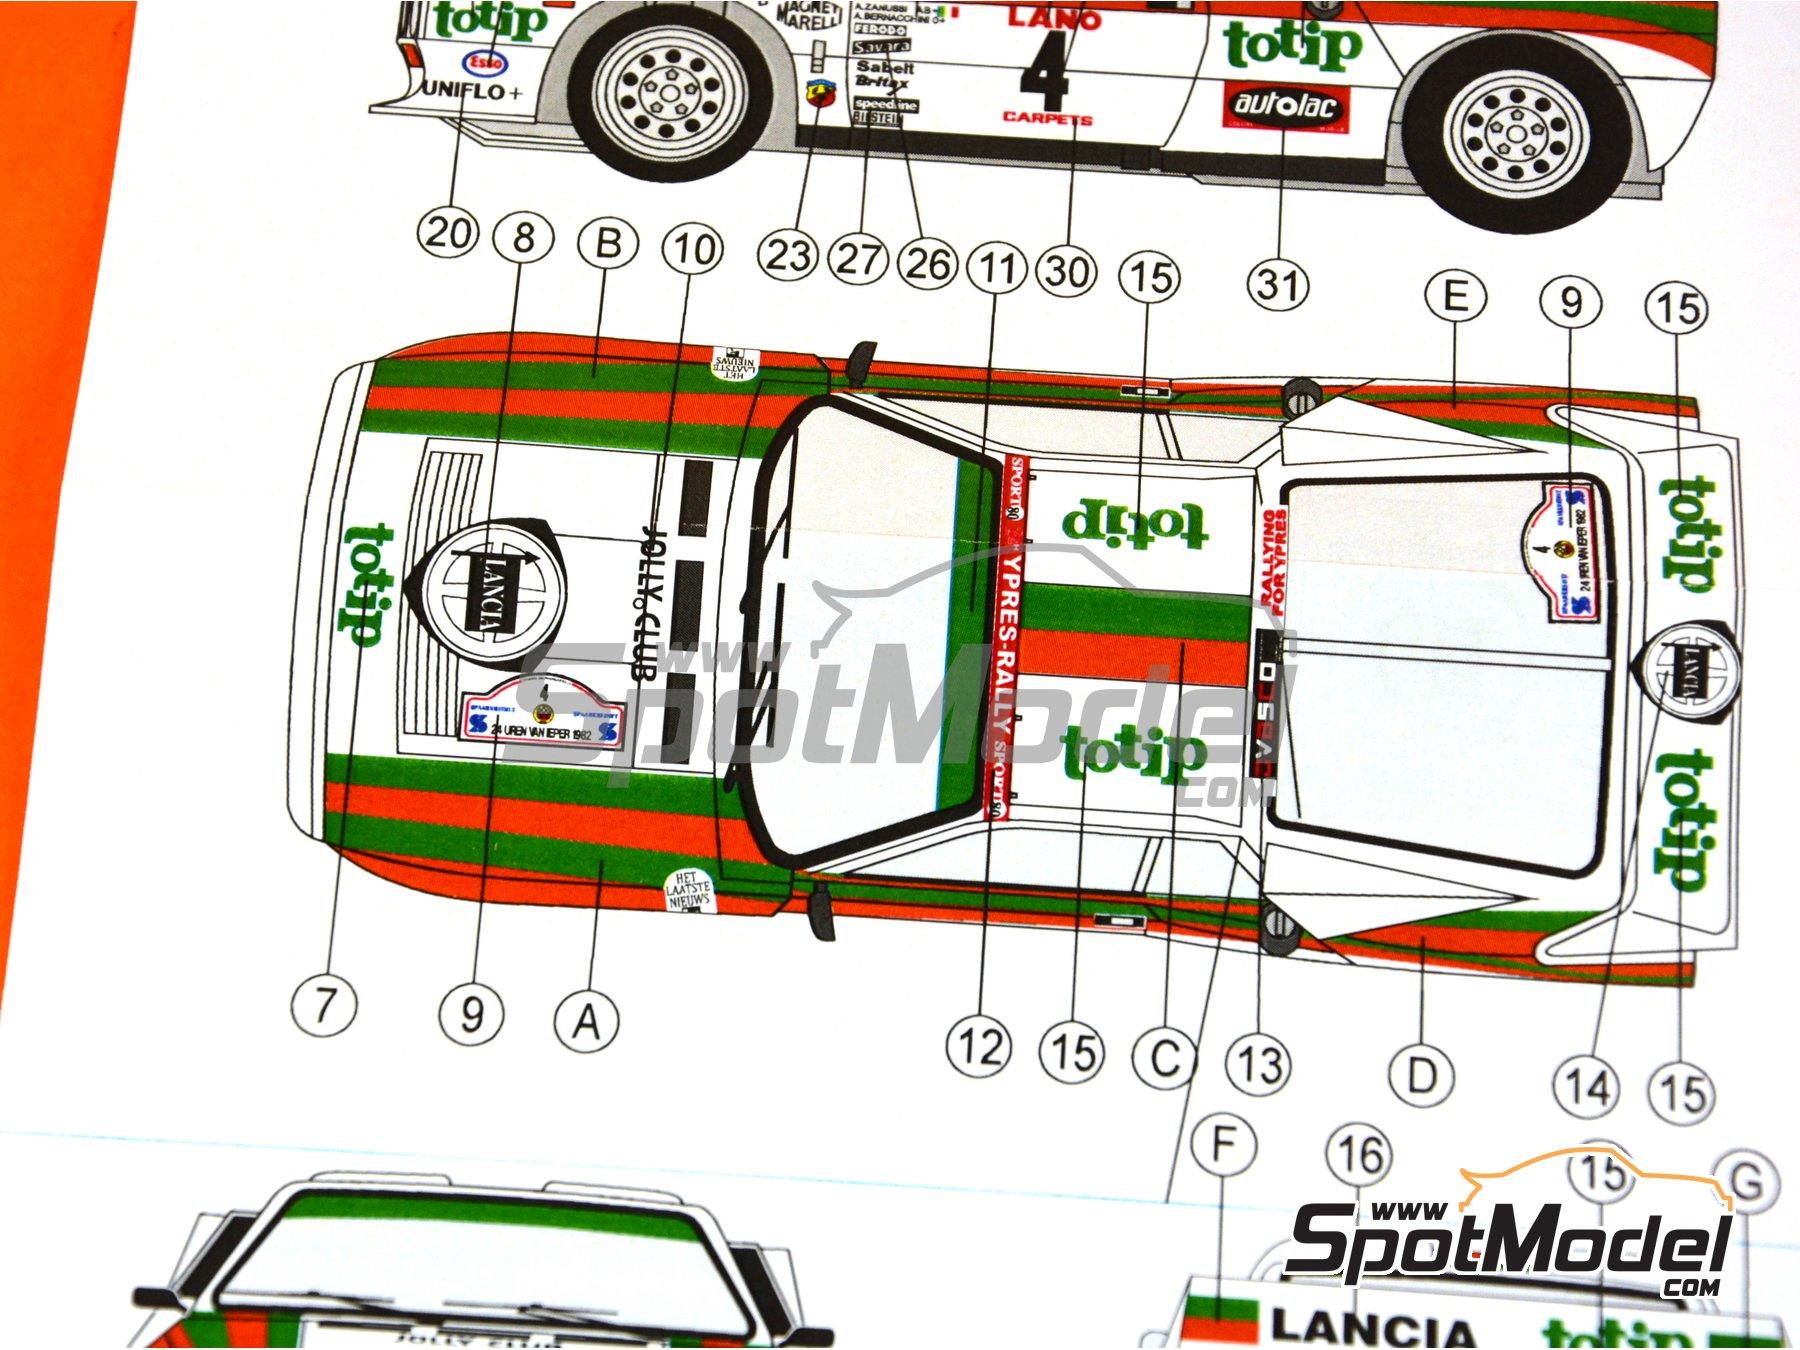 Image 15: Lancia 037 WRC - Rally de Ypres de Belgica 1982 | Transkit en escala1/24 fabricado por Reji Model (ref.REJI-234)